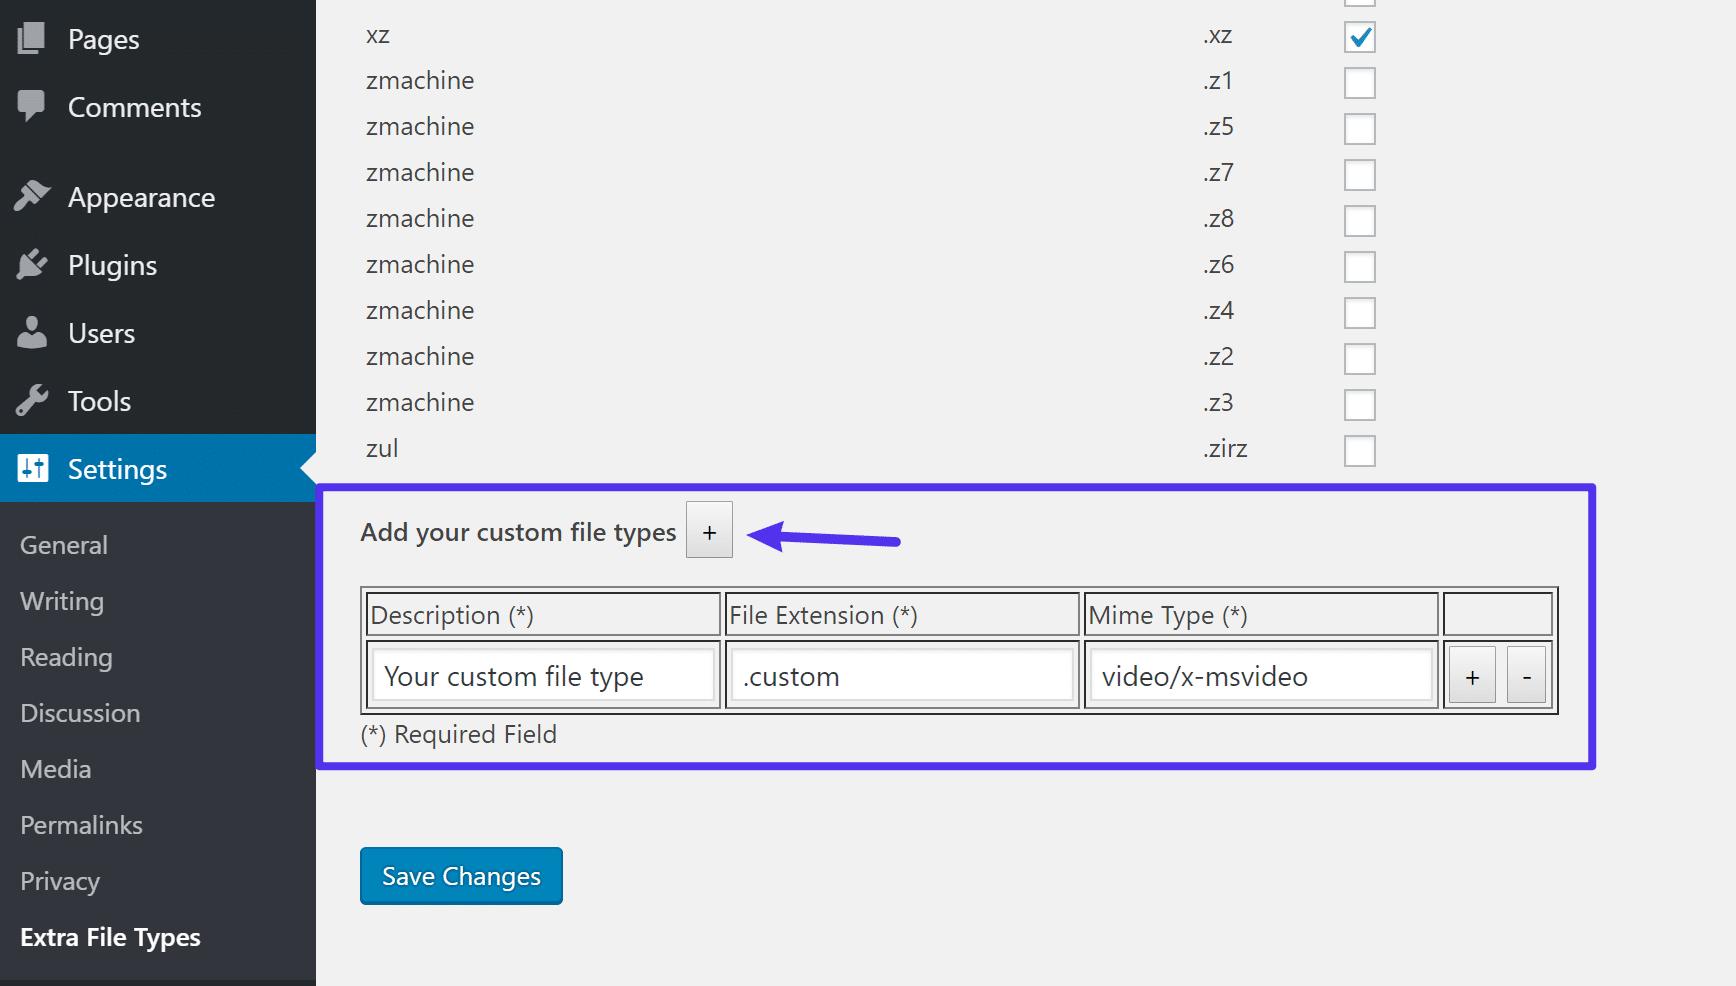 Como adicionar seu próprio tipo de arquivo personalizado